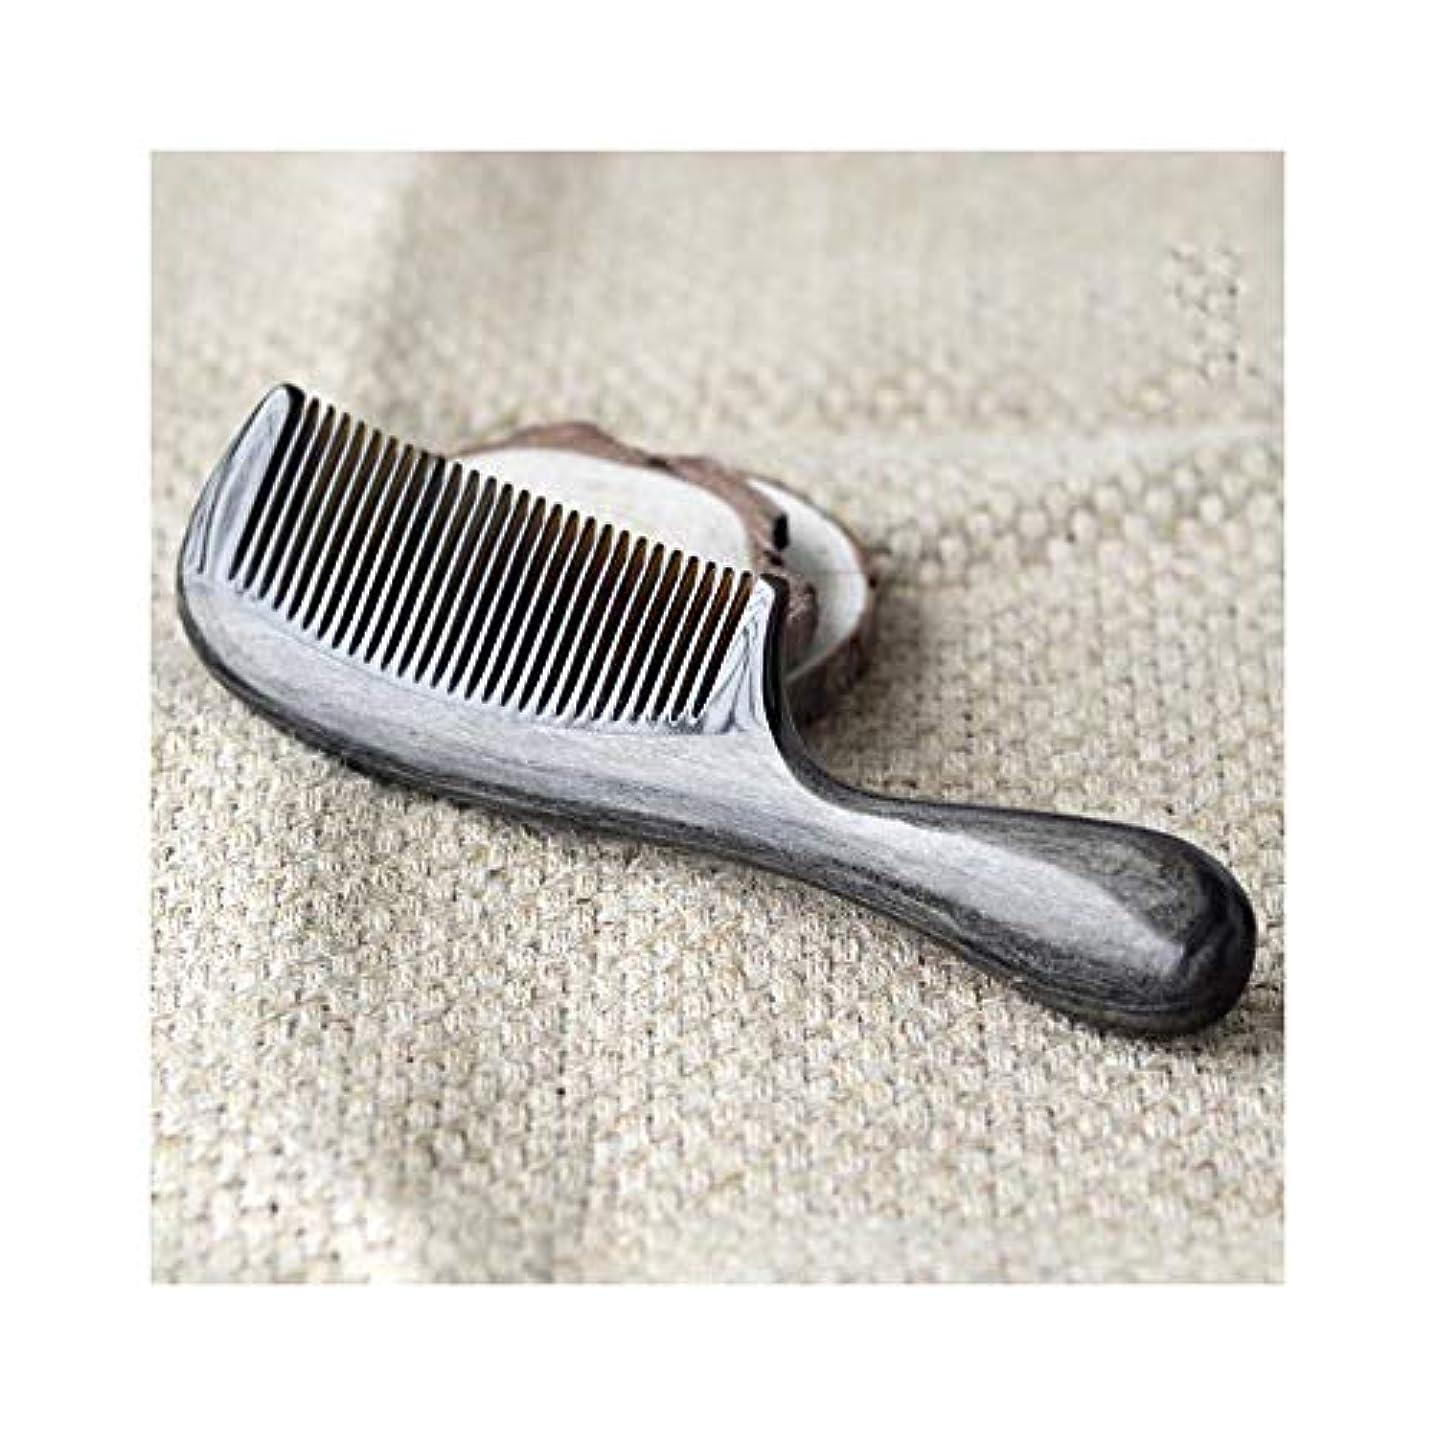 ウイルス荷物測定可能WASAIO 髪ブラシ手作り天然水牛角くし帯電防止ポータブル理髪くし (色 : 黒)